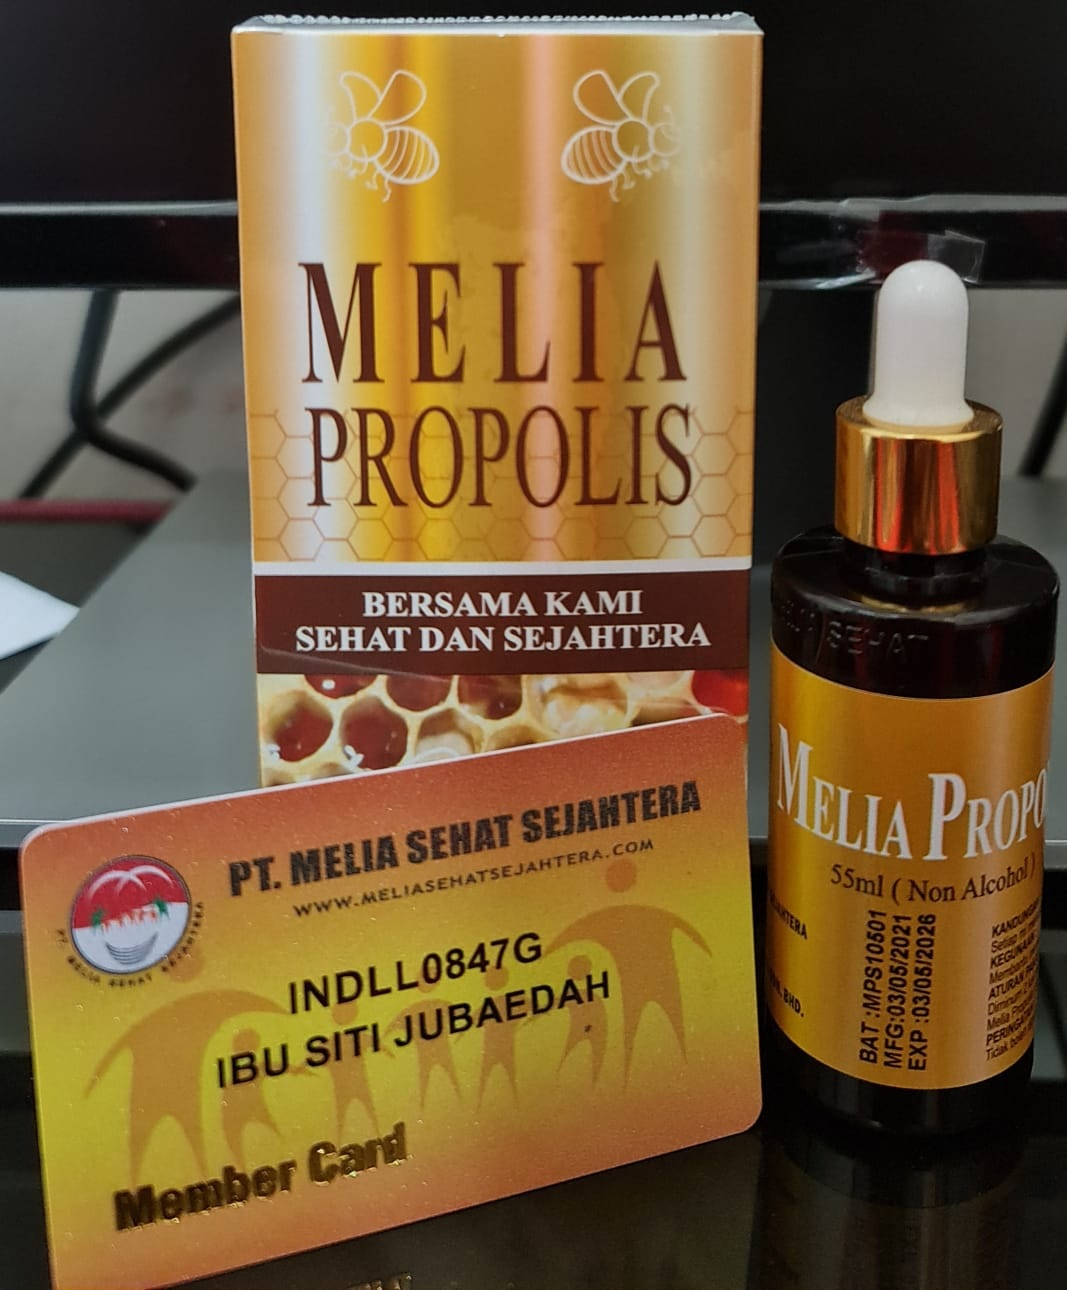 melia propolis 55ml